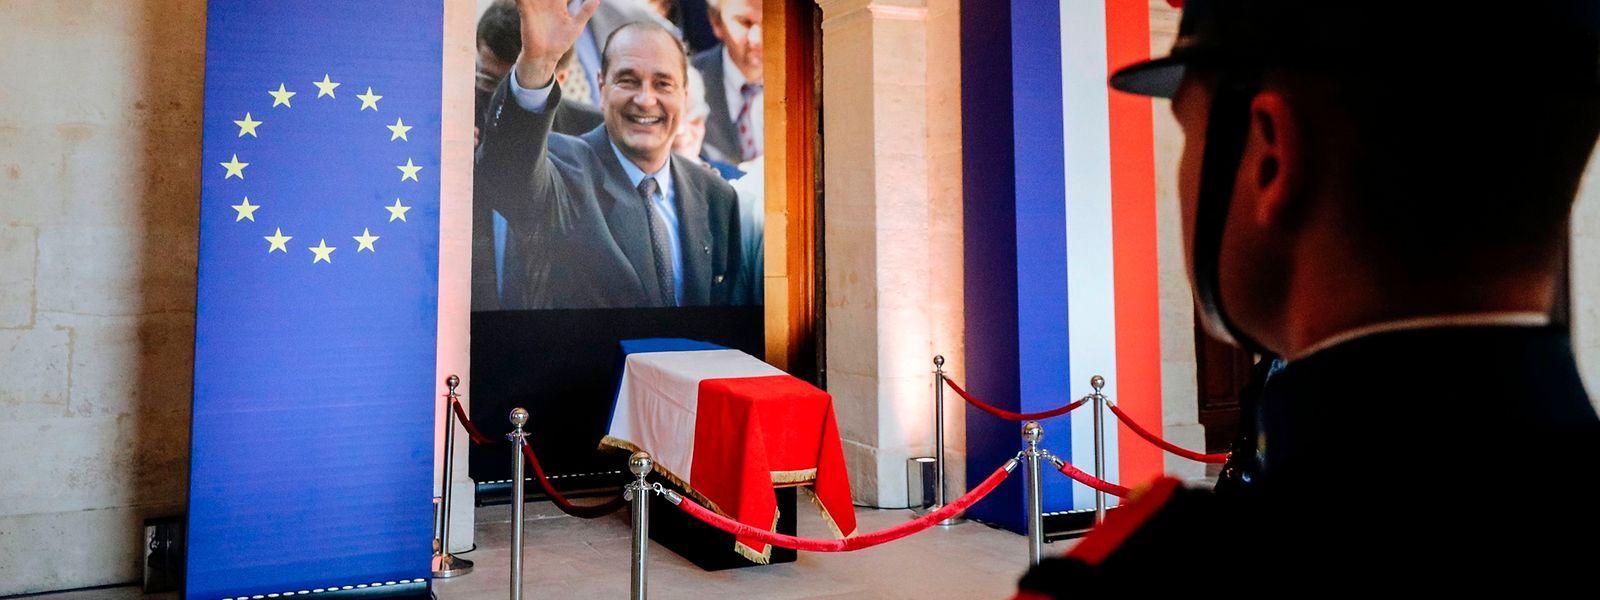 Der Sarg des früheren französischen Präsidenten Jacques Chirac liegt in der Kathedrale Saint-Louis-des-Invalides aufgebahrt.